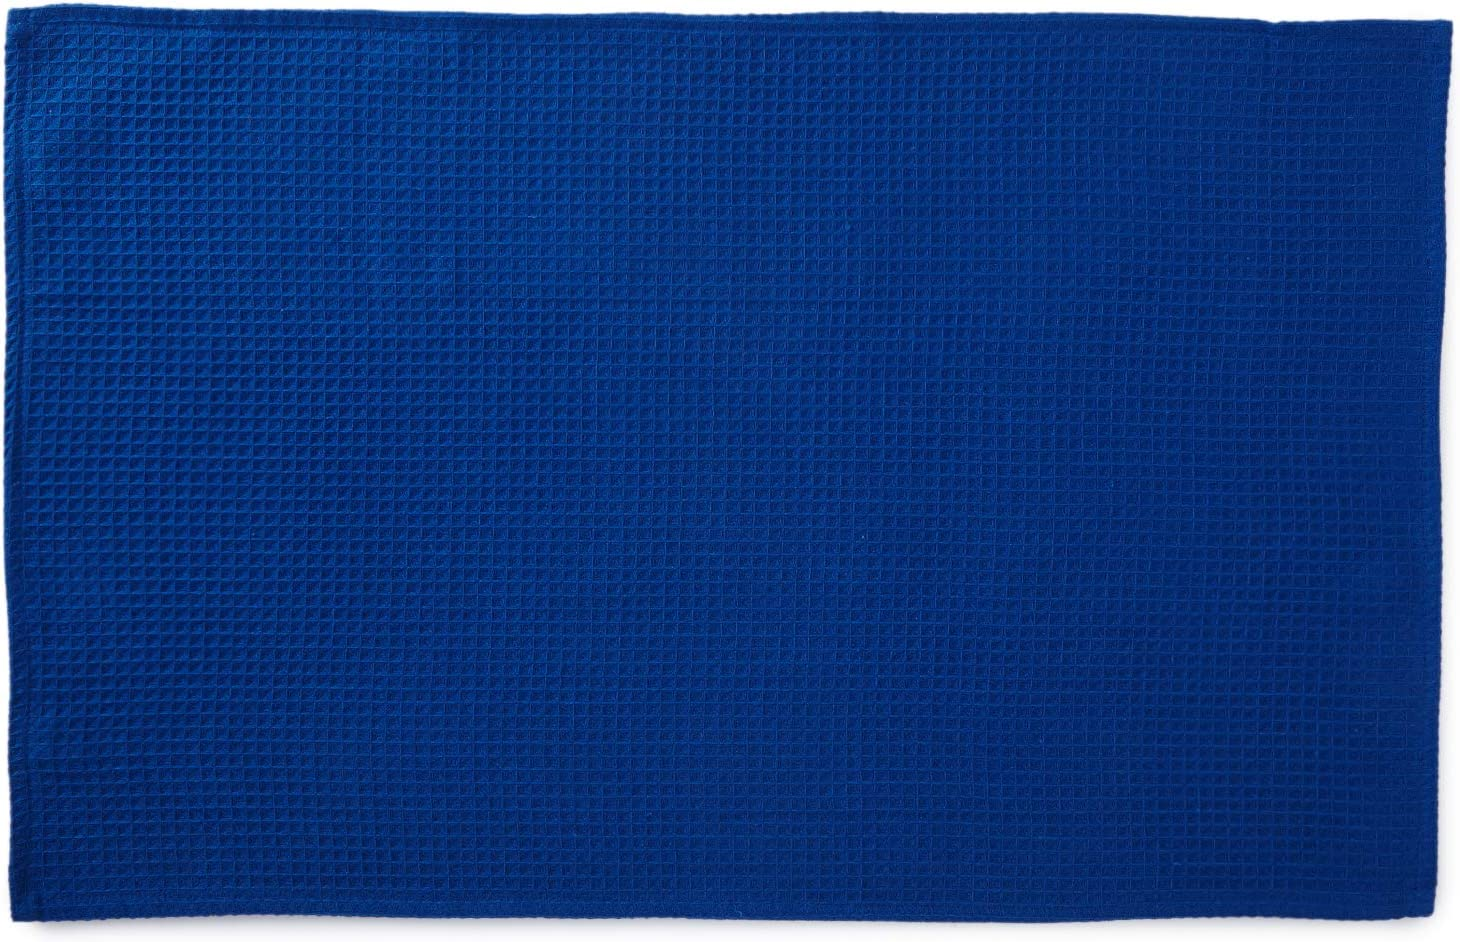 Bleu 4 pc Set Encasa Homes Torchons de Cuisine X-Large 70 x 45 cm Coton /écologique Torchon gaufr/é tr/ès Absorbant pour Le Nettoyage Professionnel et Le s/échage Rapide des Assiettes et des Verres